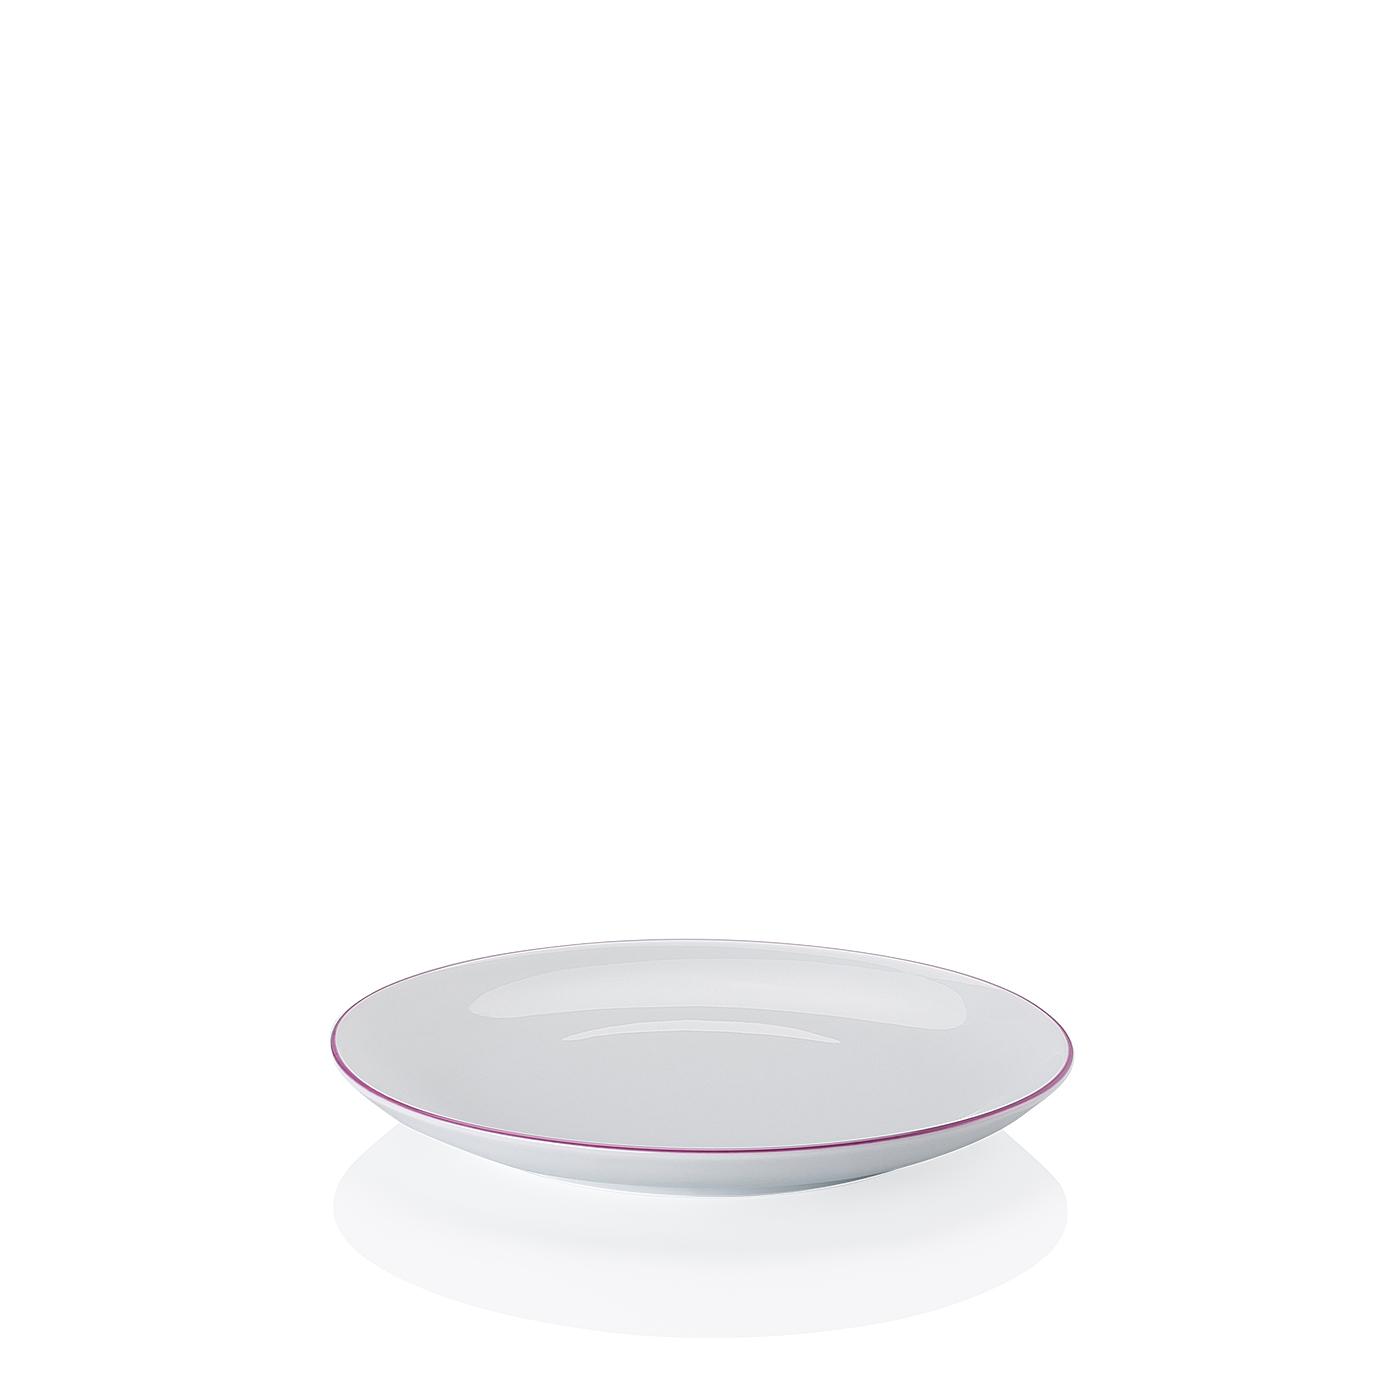 Frühstücksteller 20 cm Cucina-Basic Colori Violet Arzberg